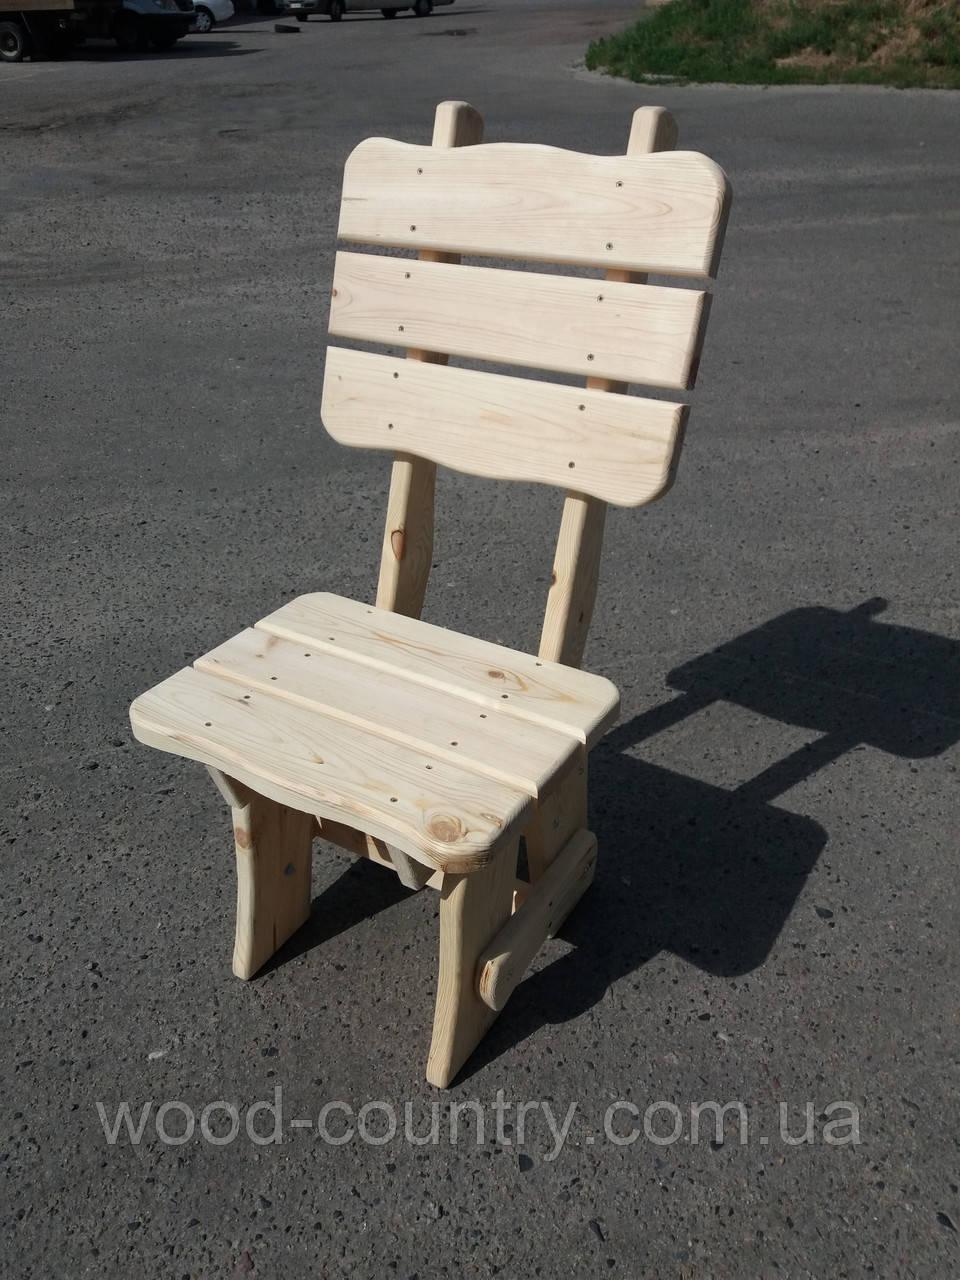 Деревянные стулья со спинкой фигурный